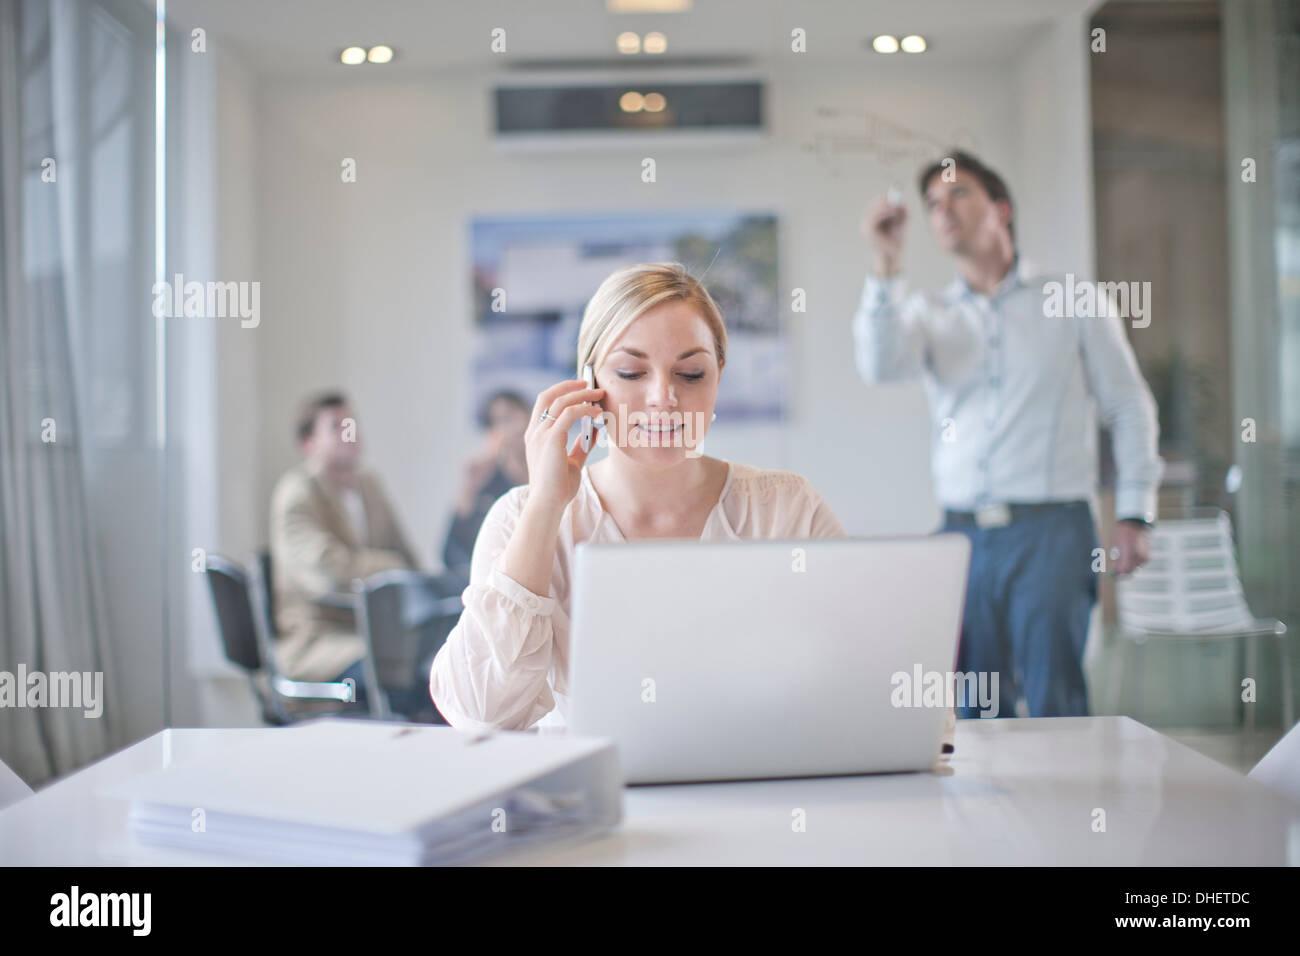 Frau sitzt am Konferenztisch mit Laptop und Handy, im Hintergrund arbeitenden Kolleginnen und Kollegen Stockbild